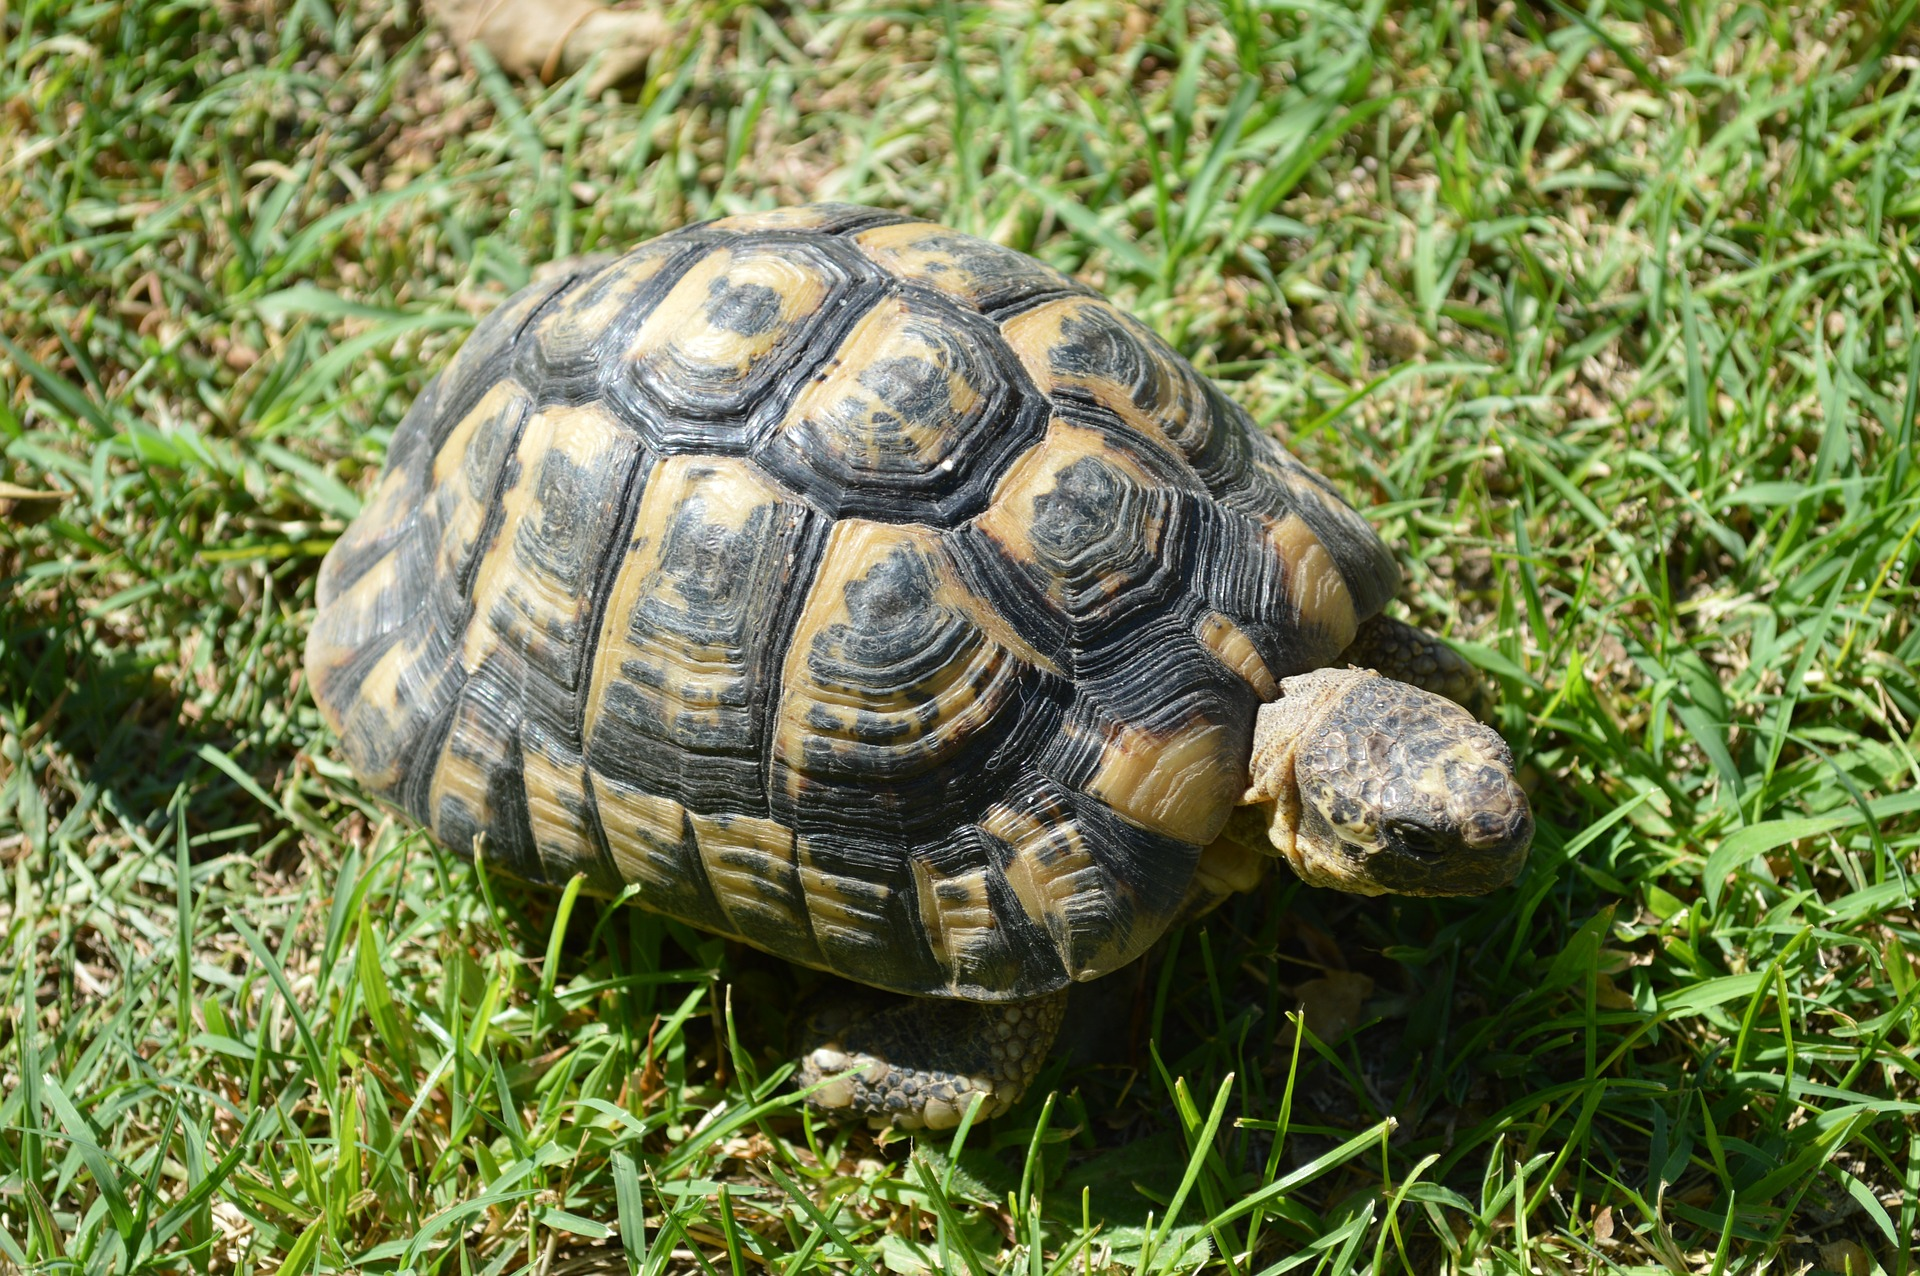 Őrizetbe vették a nőt, aki kővel verte agyon az állatkerti teknőst